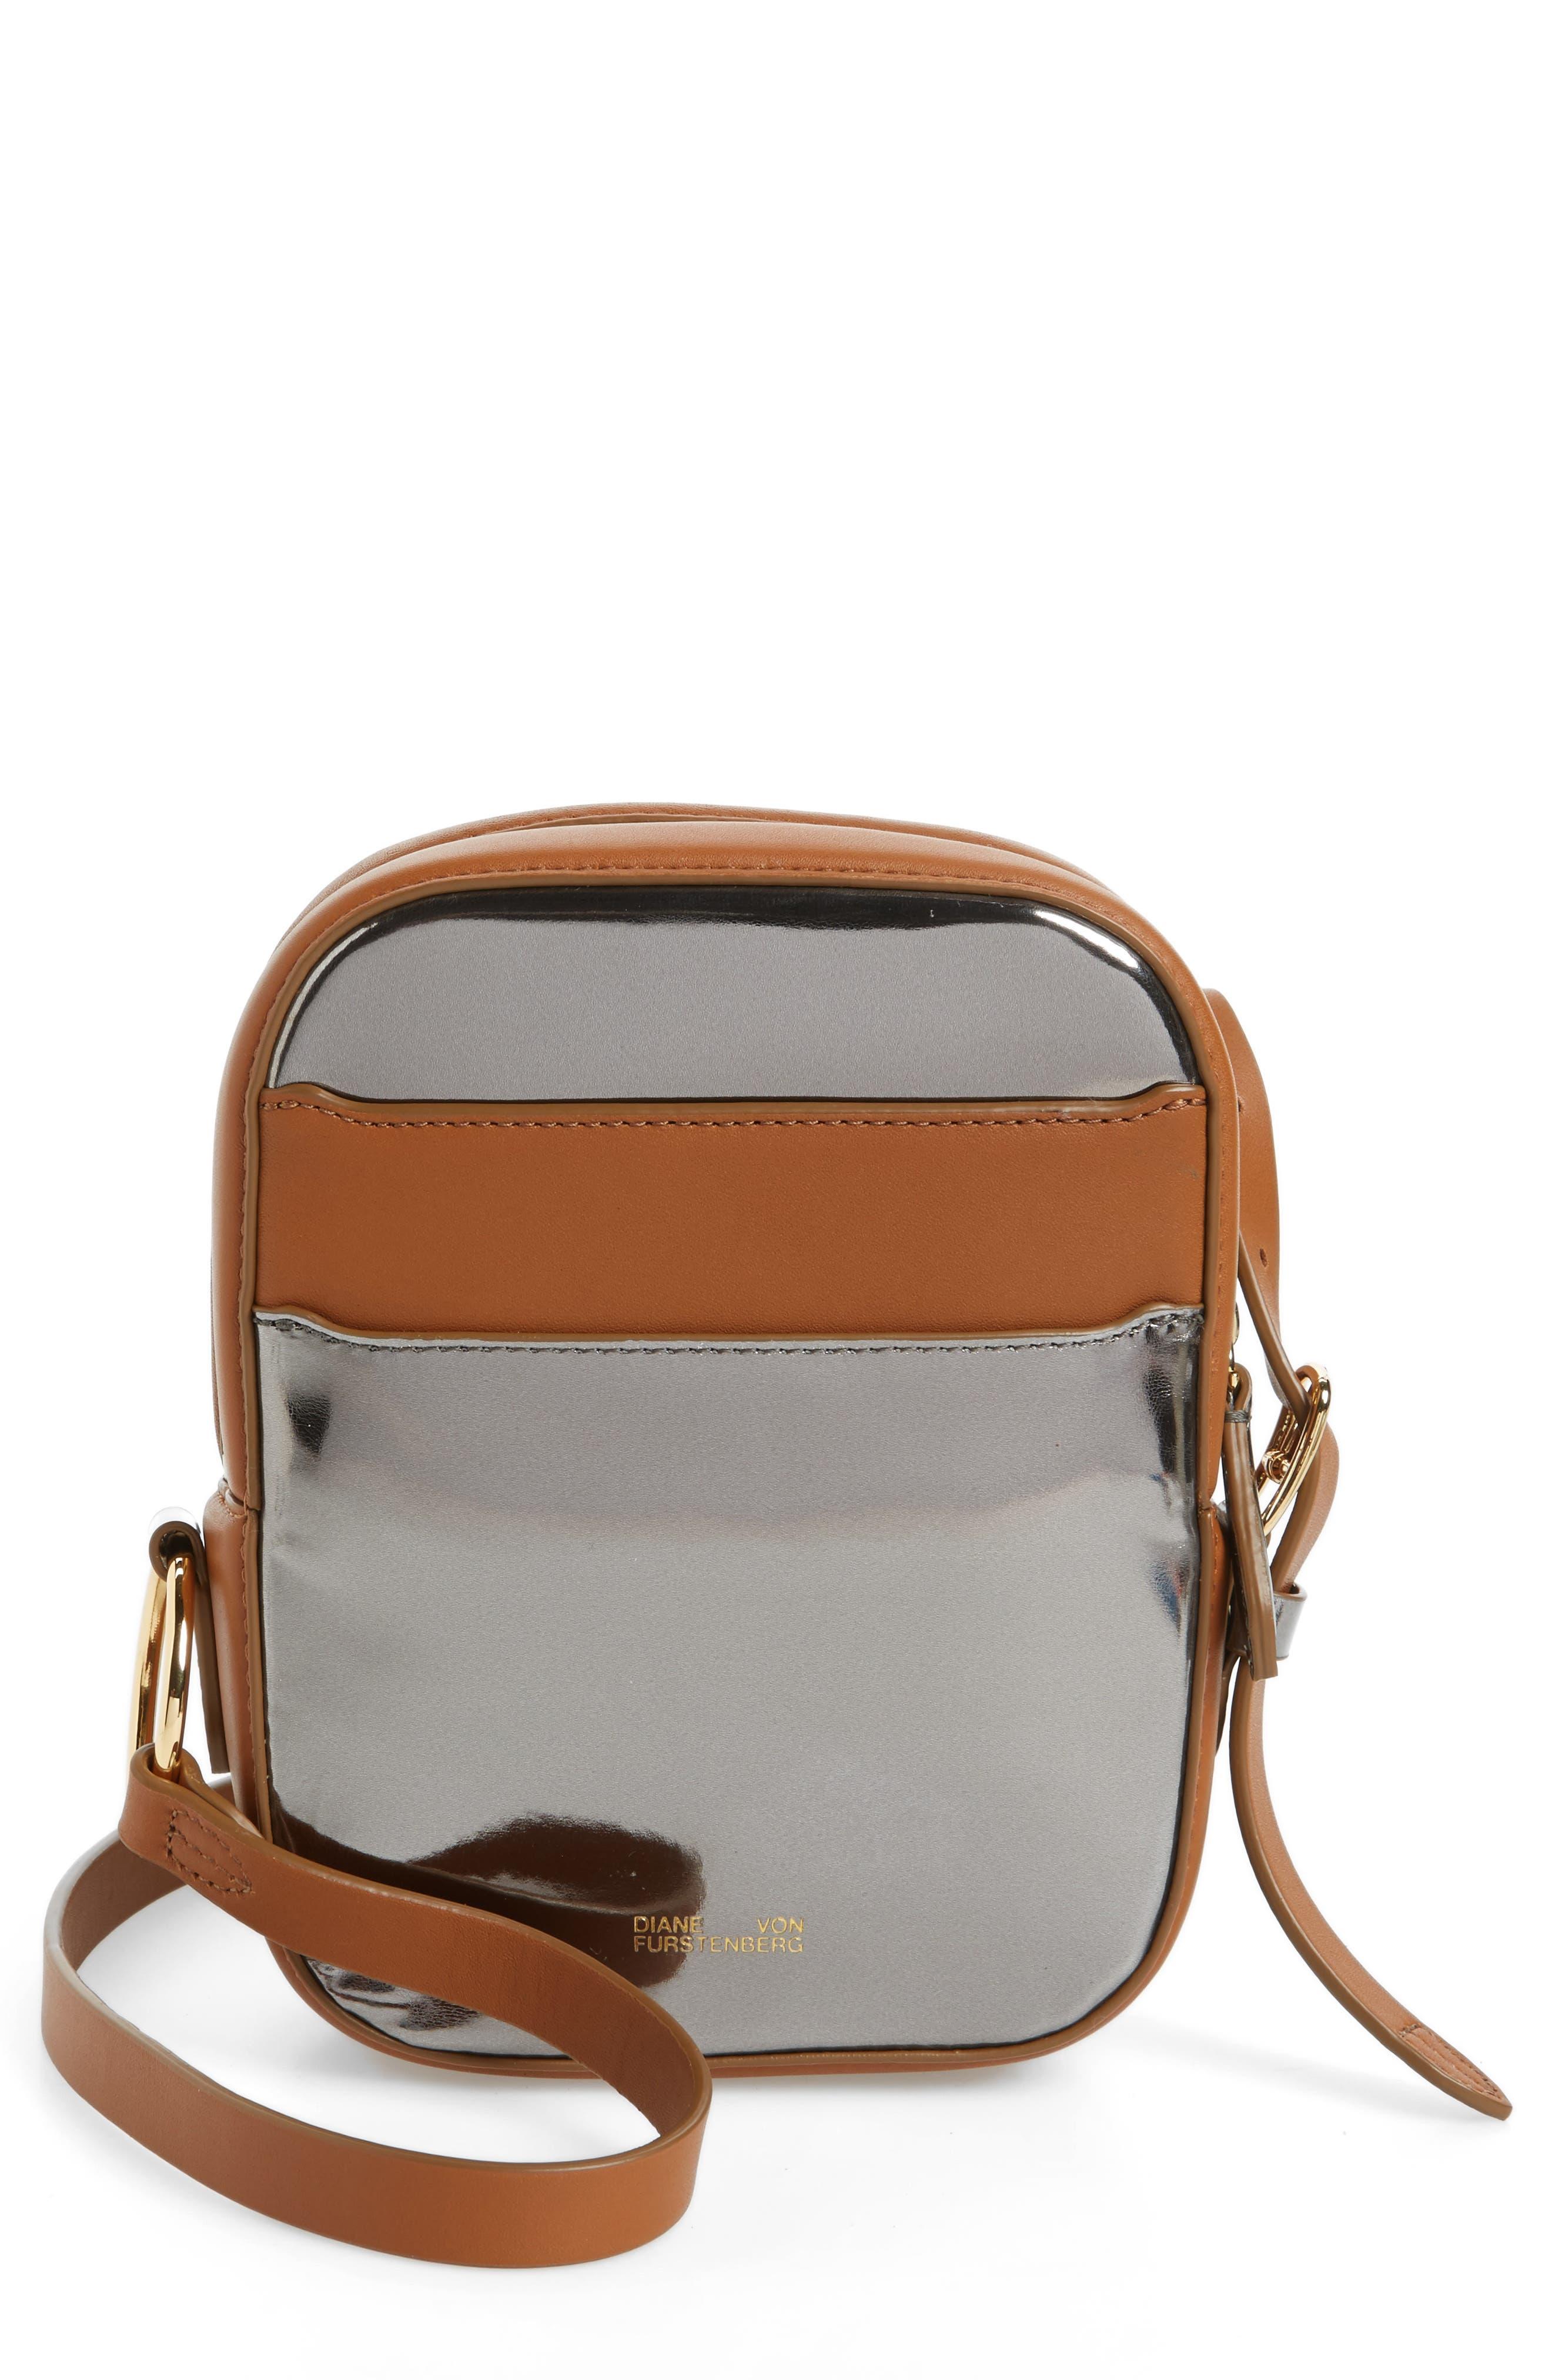 Main Image - Diane von Furstenberg Specchio Leather Camera Bag